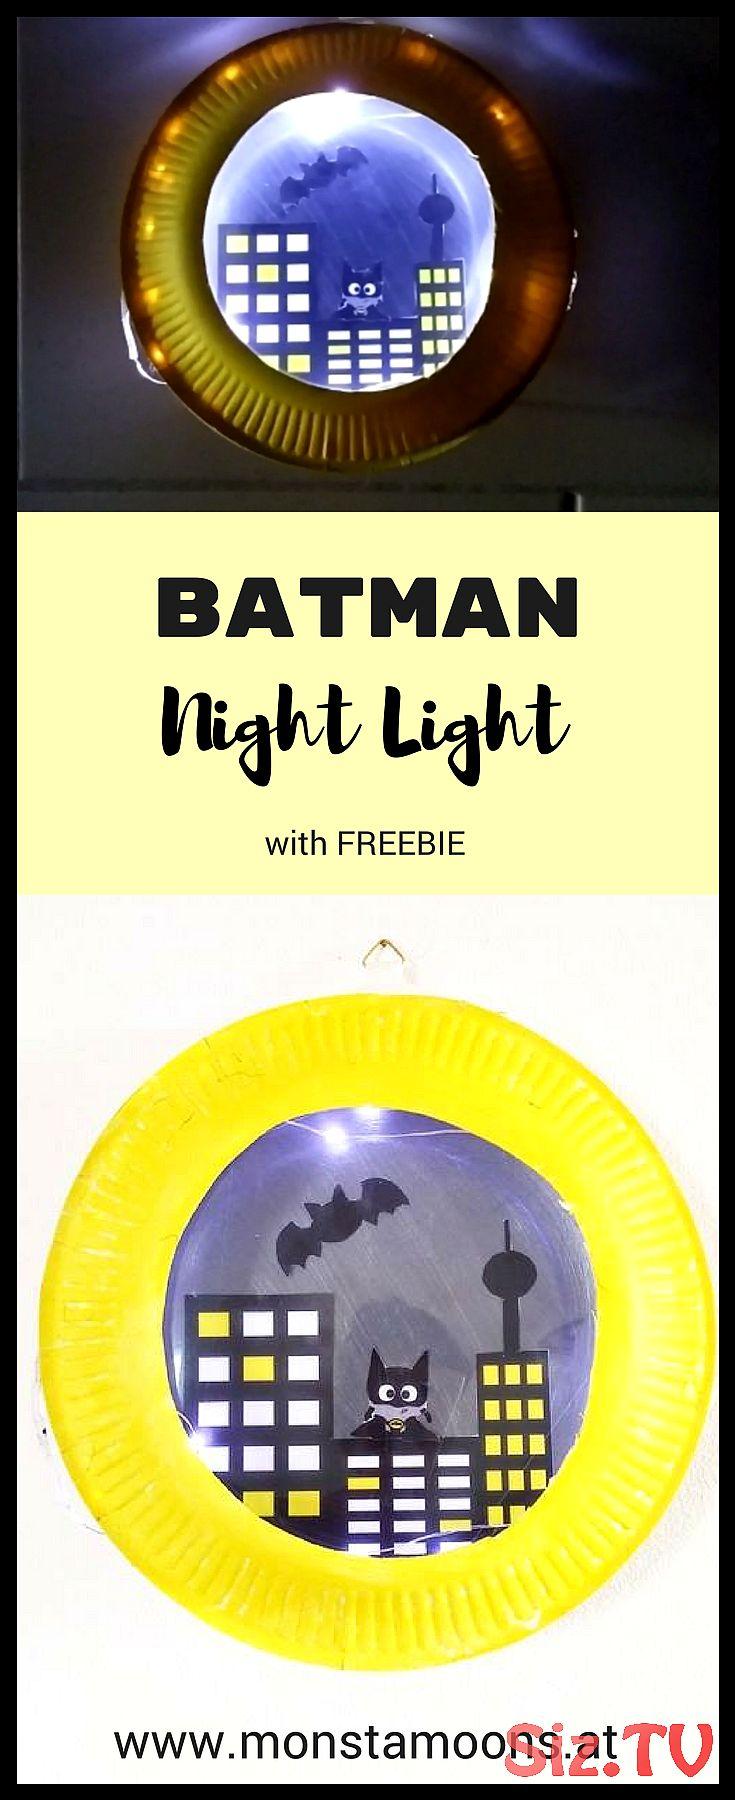 Batman Gute Nacht Licht Batman Gute Nacht Licht Happy Creadienstag Meine Lieben … 0d7cdf042c9670baf99dc5d81d11b782